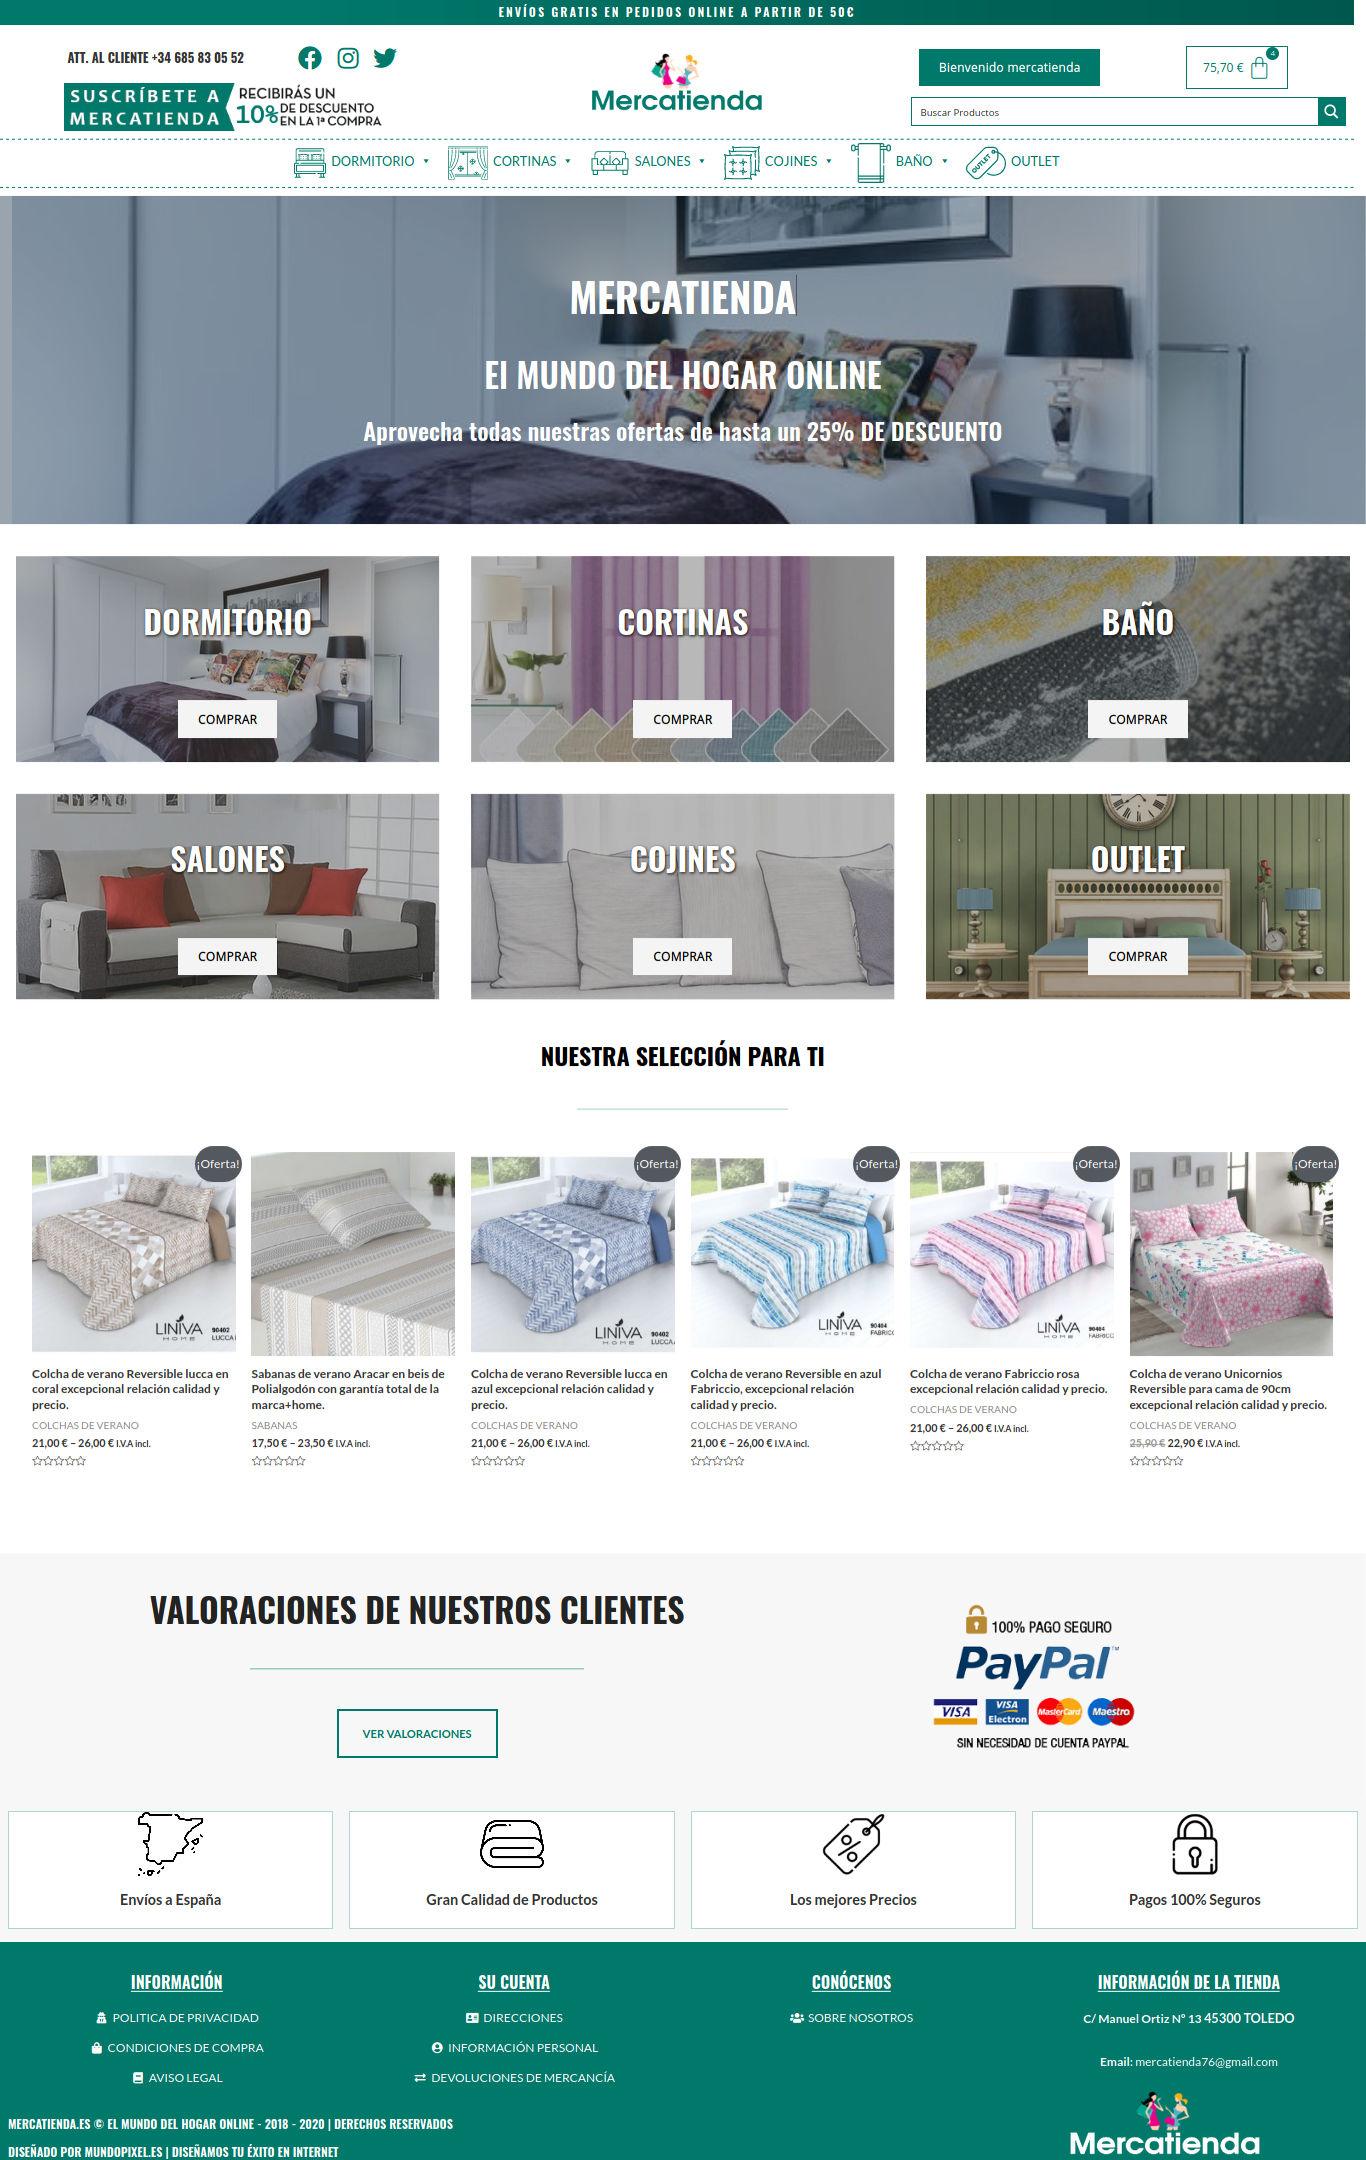 Mercatienda.es – El Mundo del Hogar Online - mercatienda.es